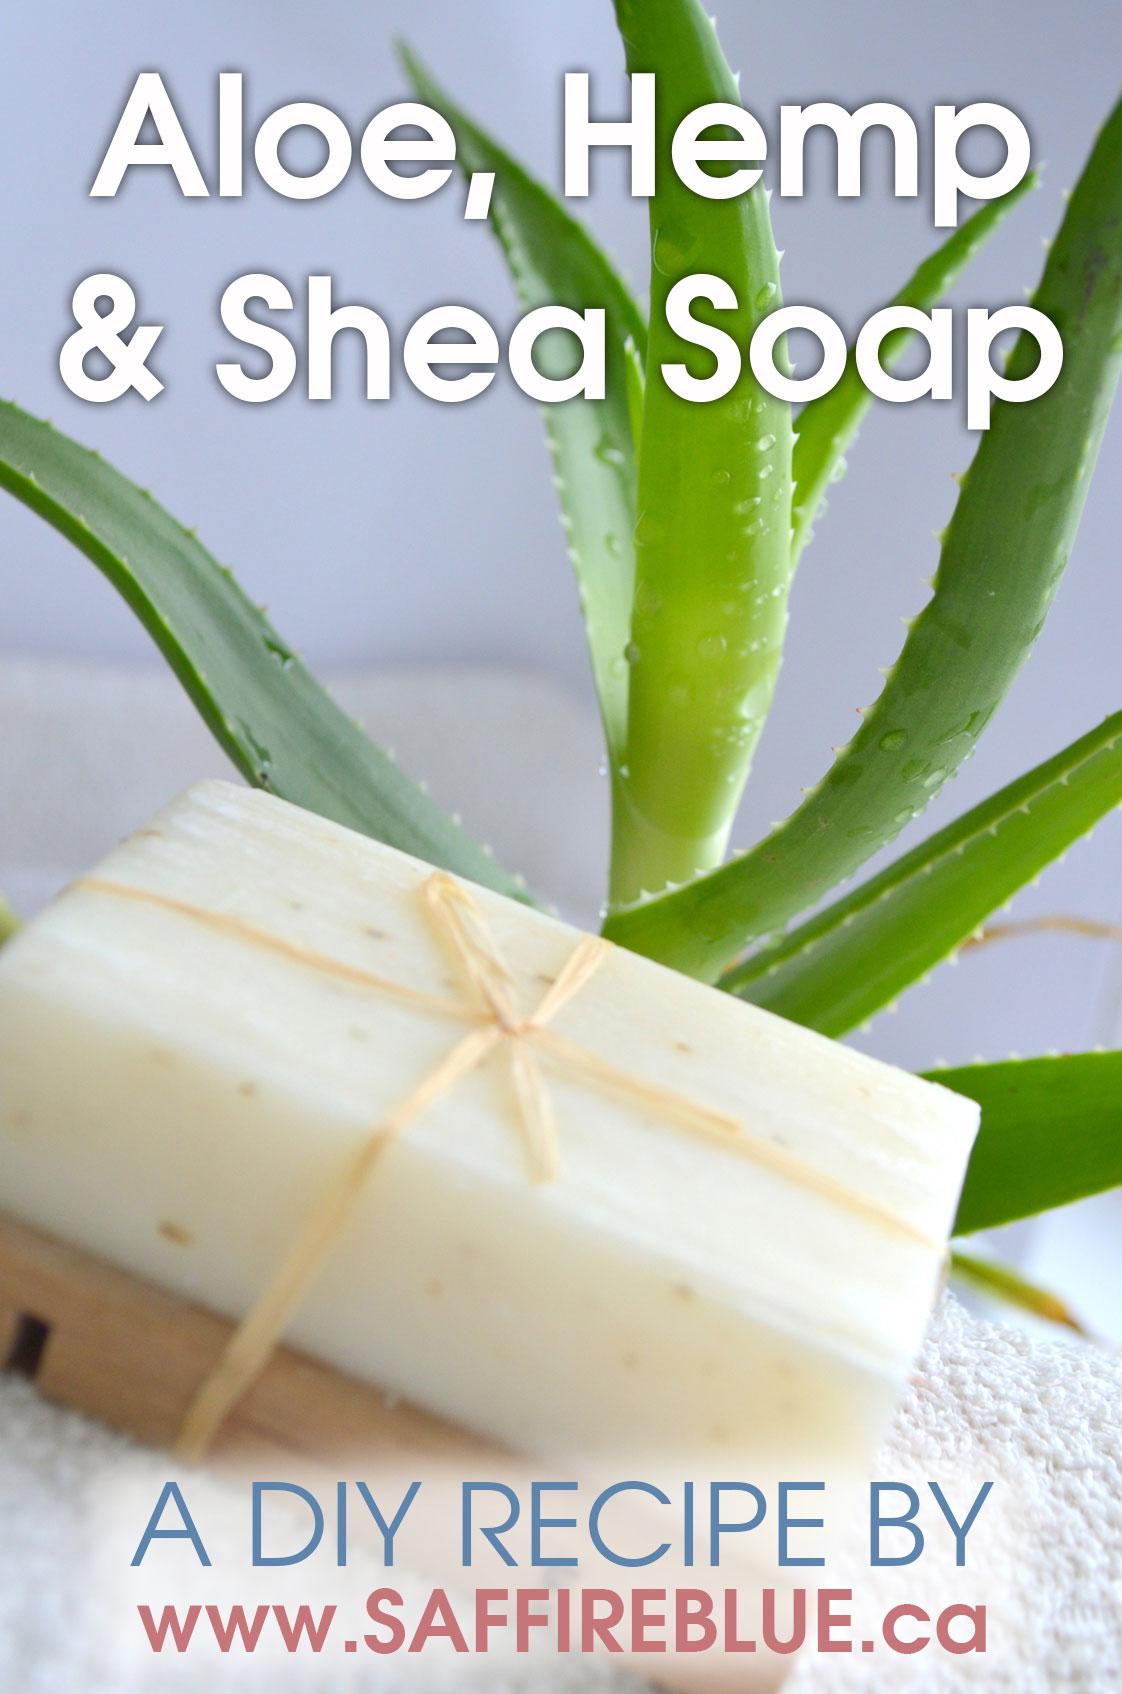 Aloe Hemp Shea Cold Process Soap Recipe Saffire Blue Inc